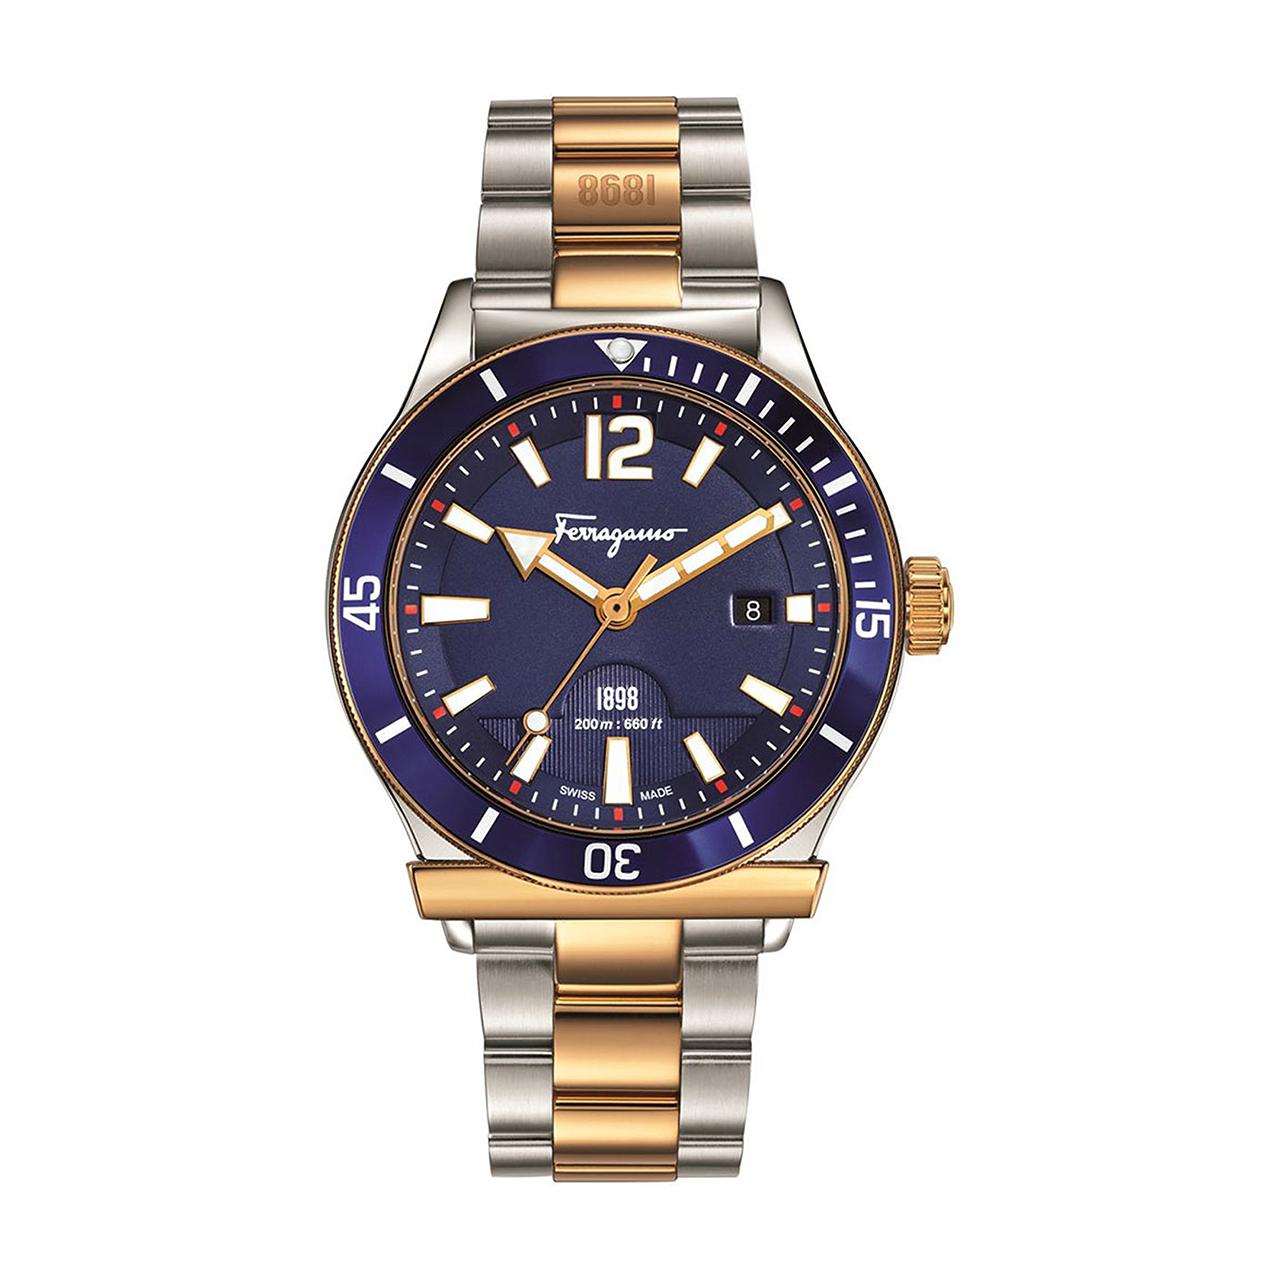 ساعت مچی عقربه ای مردانه سالواتوره فراگامو مدل FF3280015